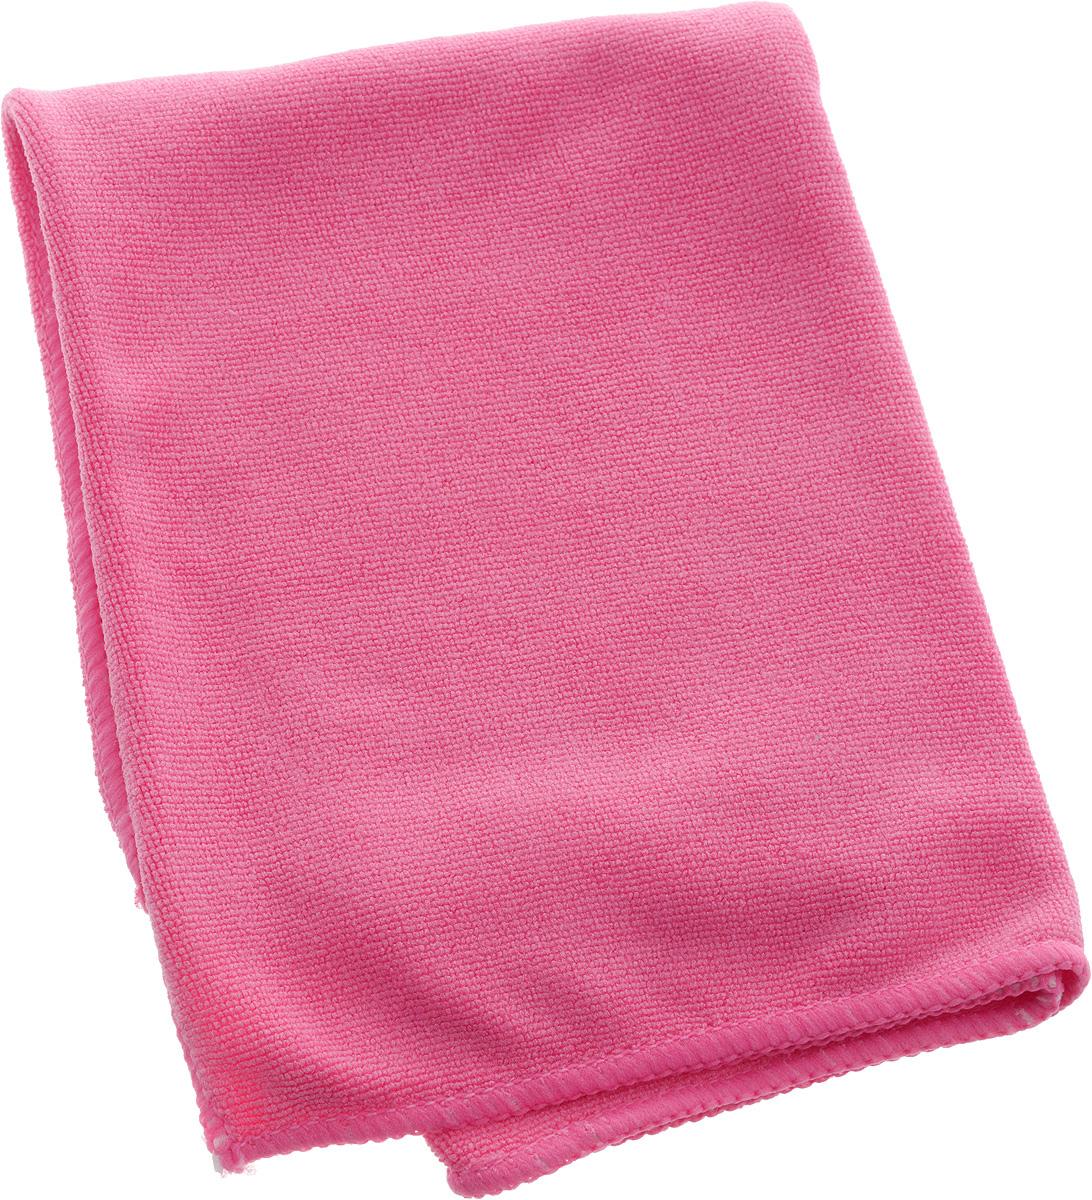 Салфетка из микрофибры Airline, цвет: розовый, 40 х 60 смAB-A-06Мягкая салфетка Airline выполнена из микрофибры. Мягкий ворс микрофибры очистит поверхность от пыли и загрязнений, микробов и грибков, и не отставит царапин. Материал хорошо впитывает жидкость, быстро сохнет и не подвержен быстрому износу после многочисленных стирок.